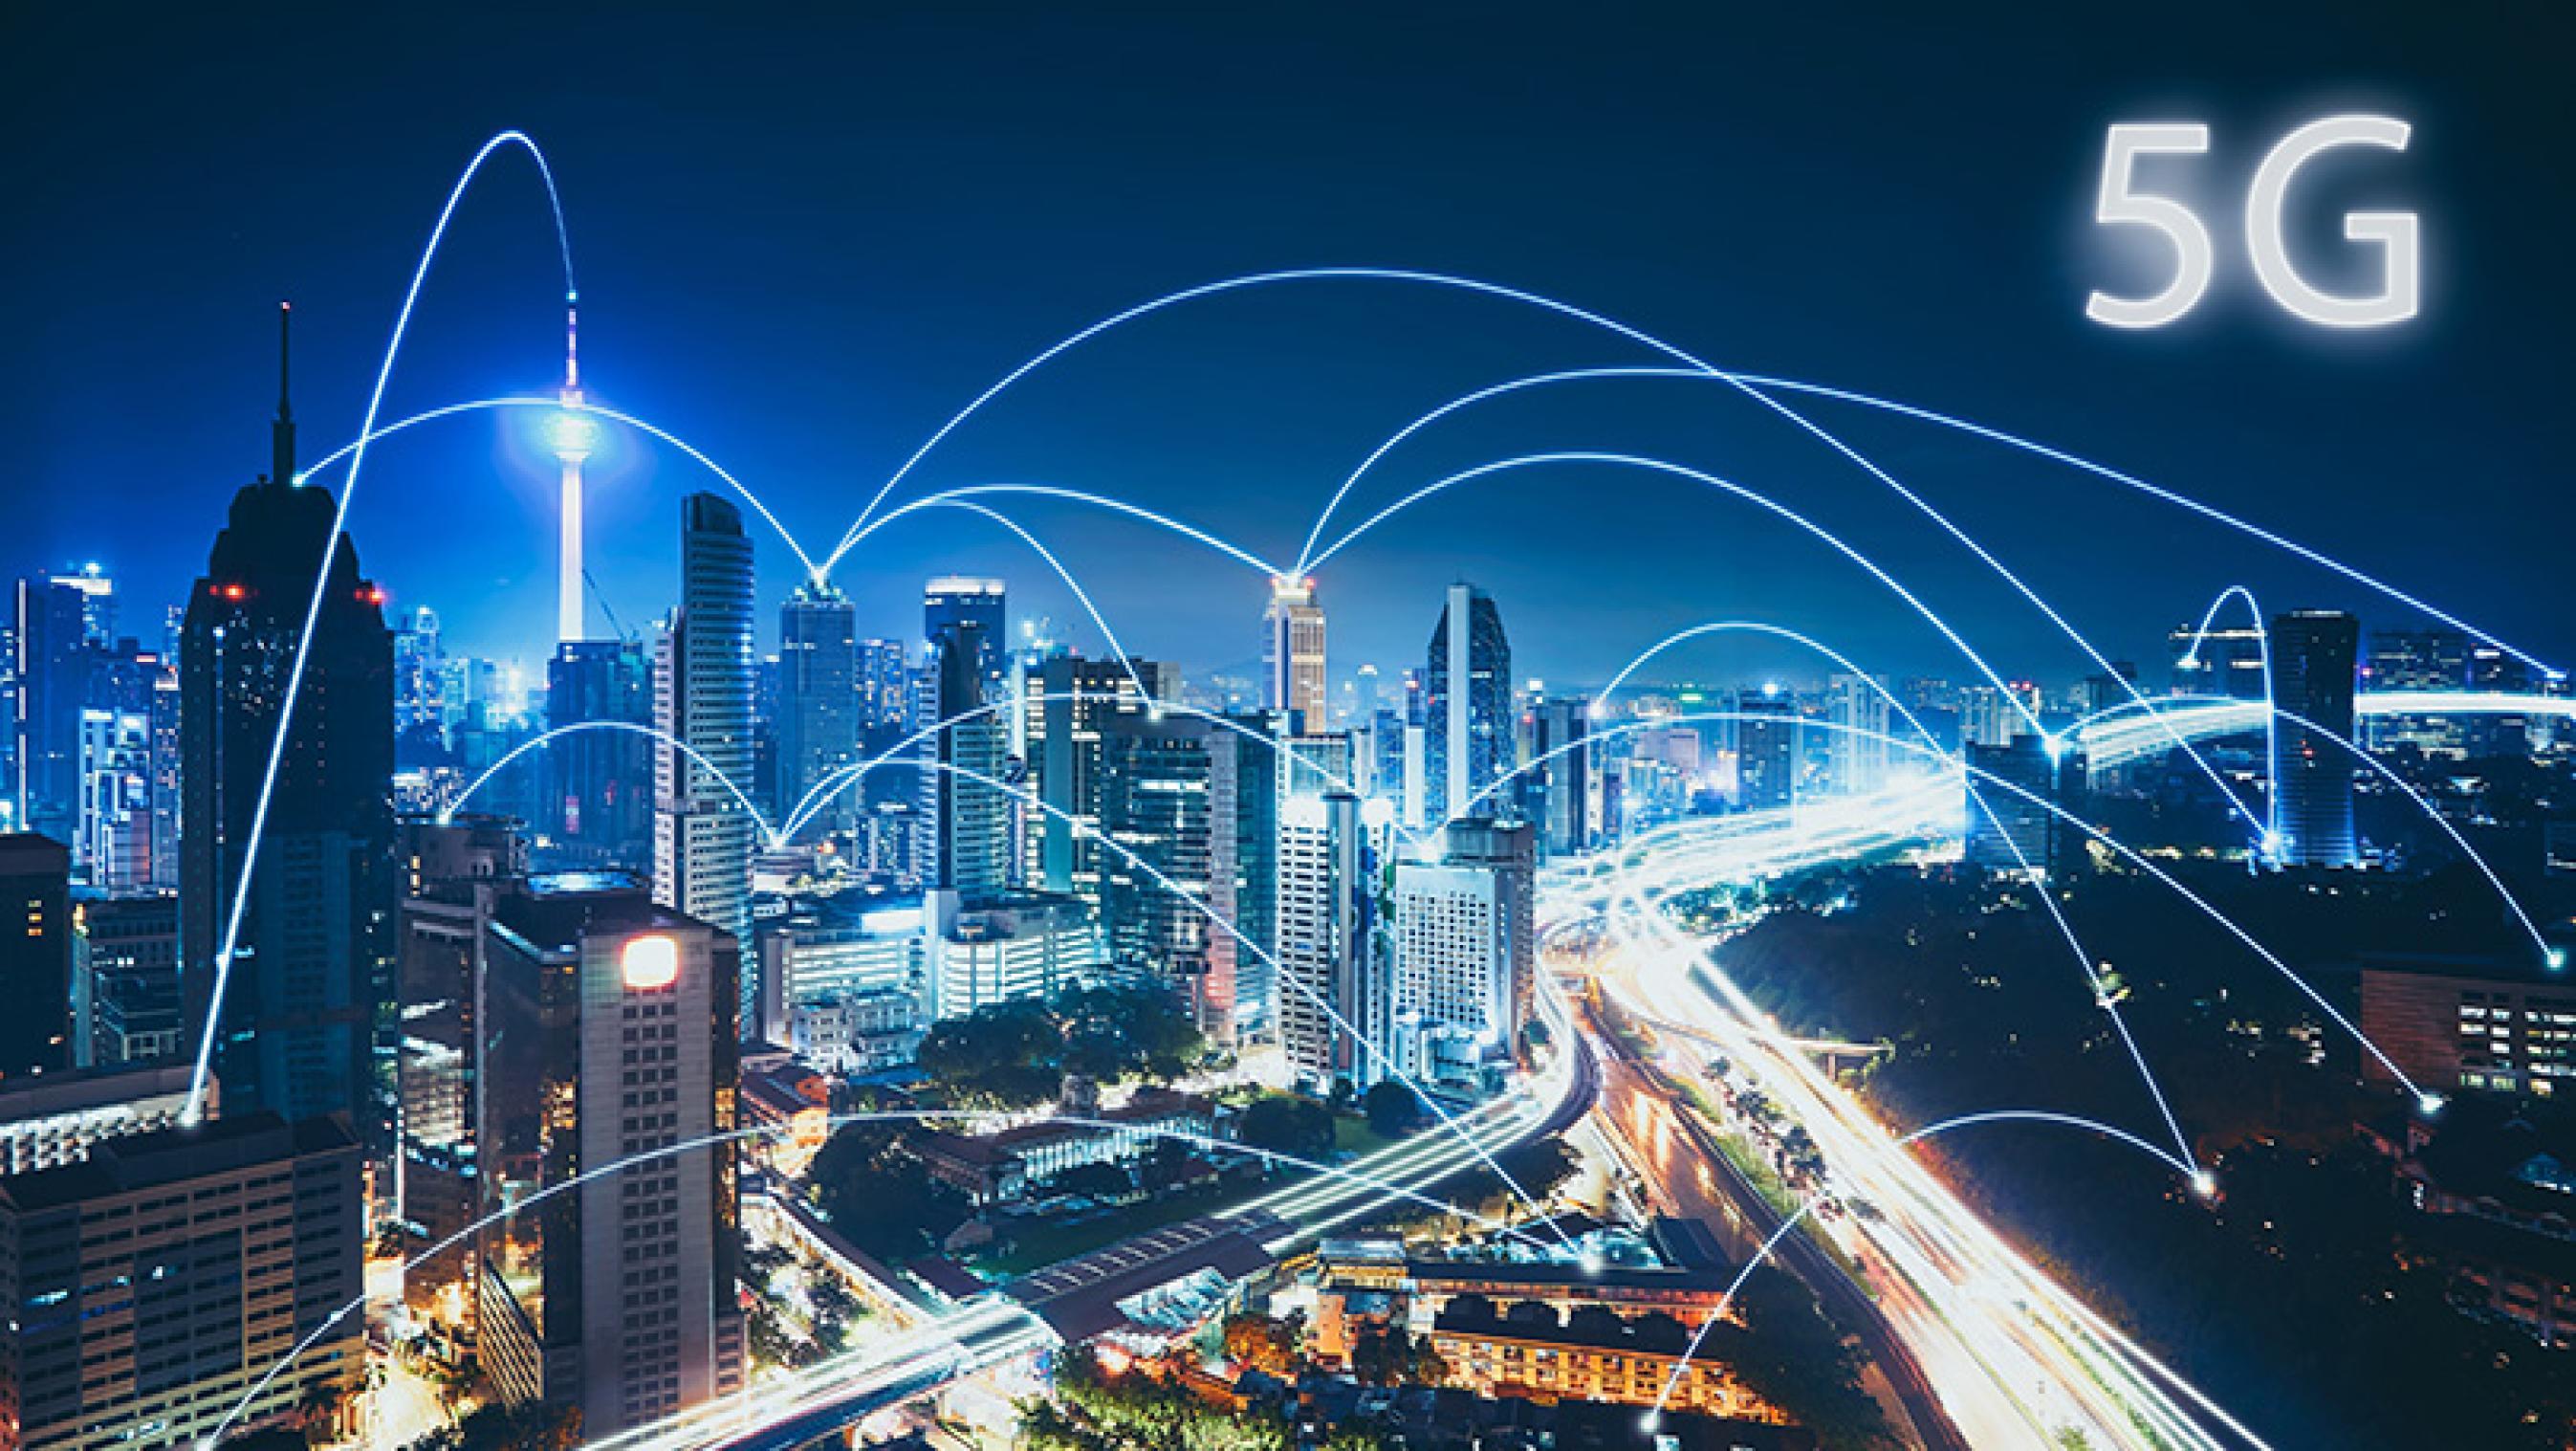 国内全面5G网络覆盖还需要5至8年 至少2万亿人民币